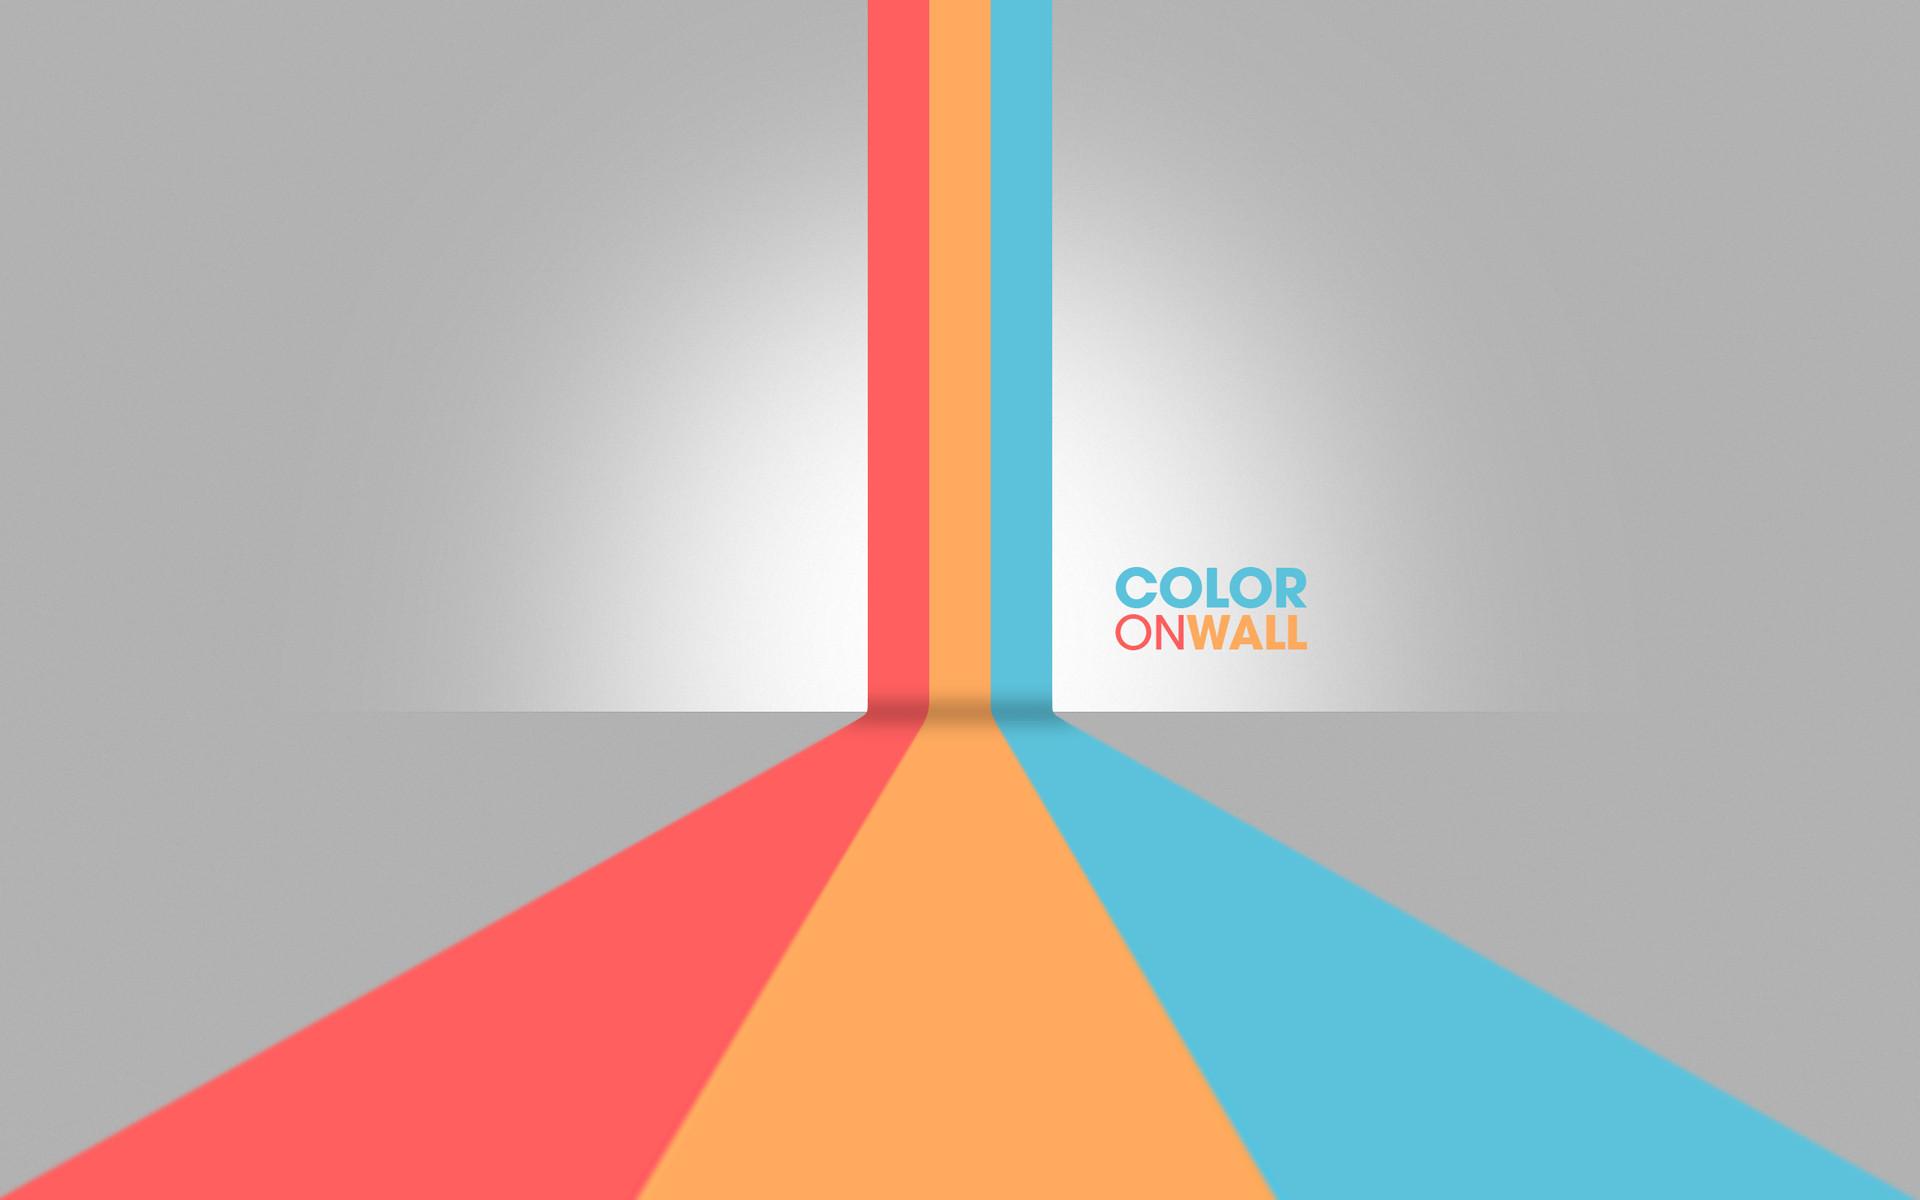 minimalizm-oboi-cveta-e556898